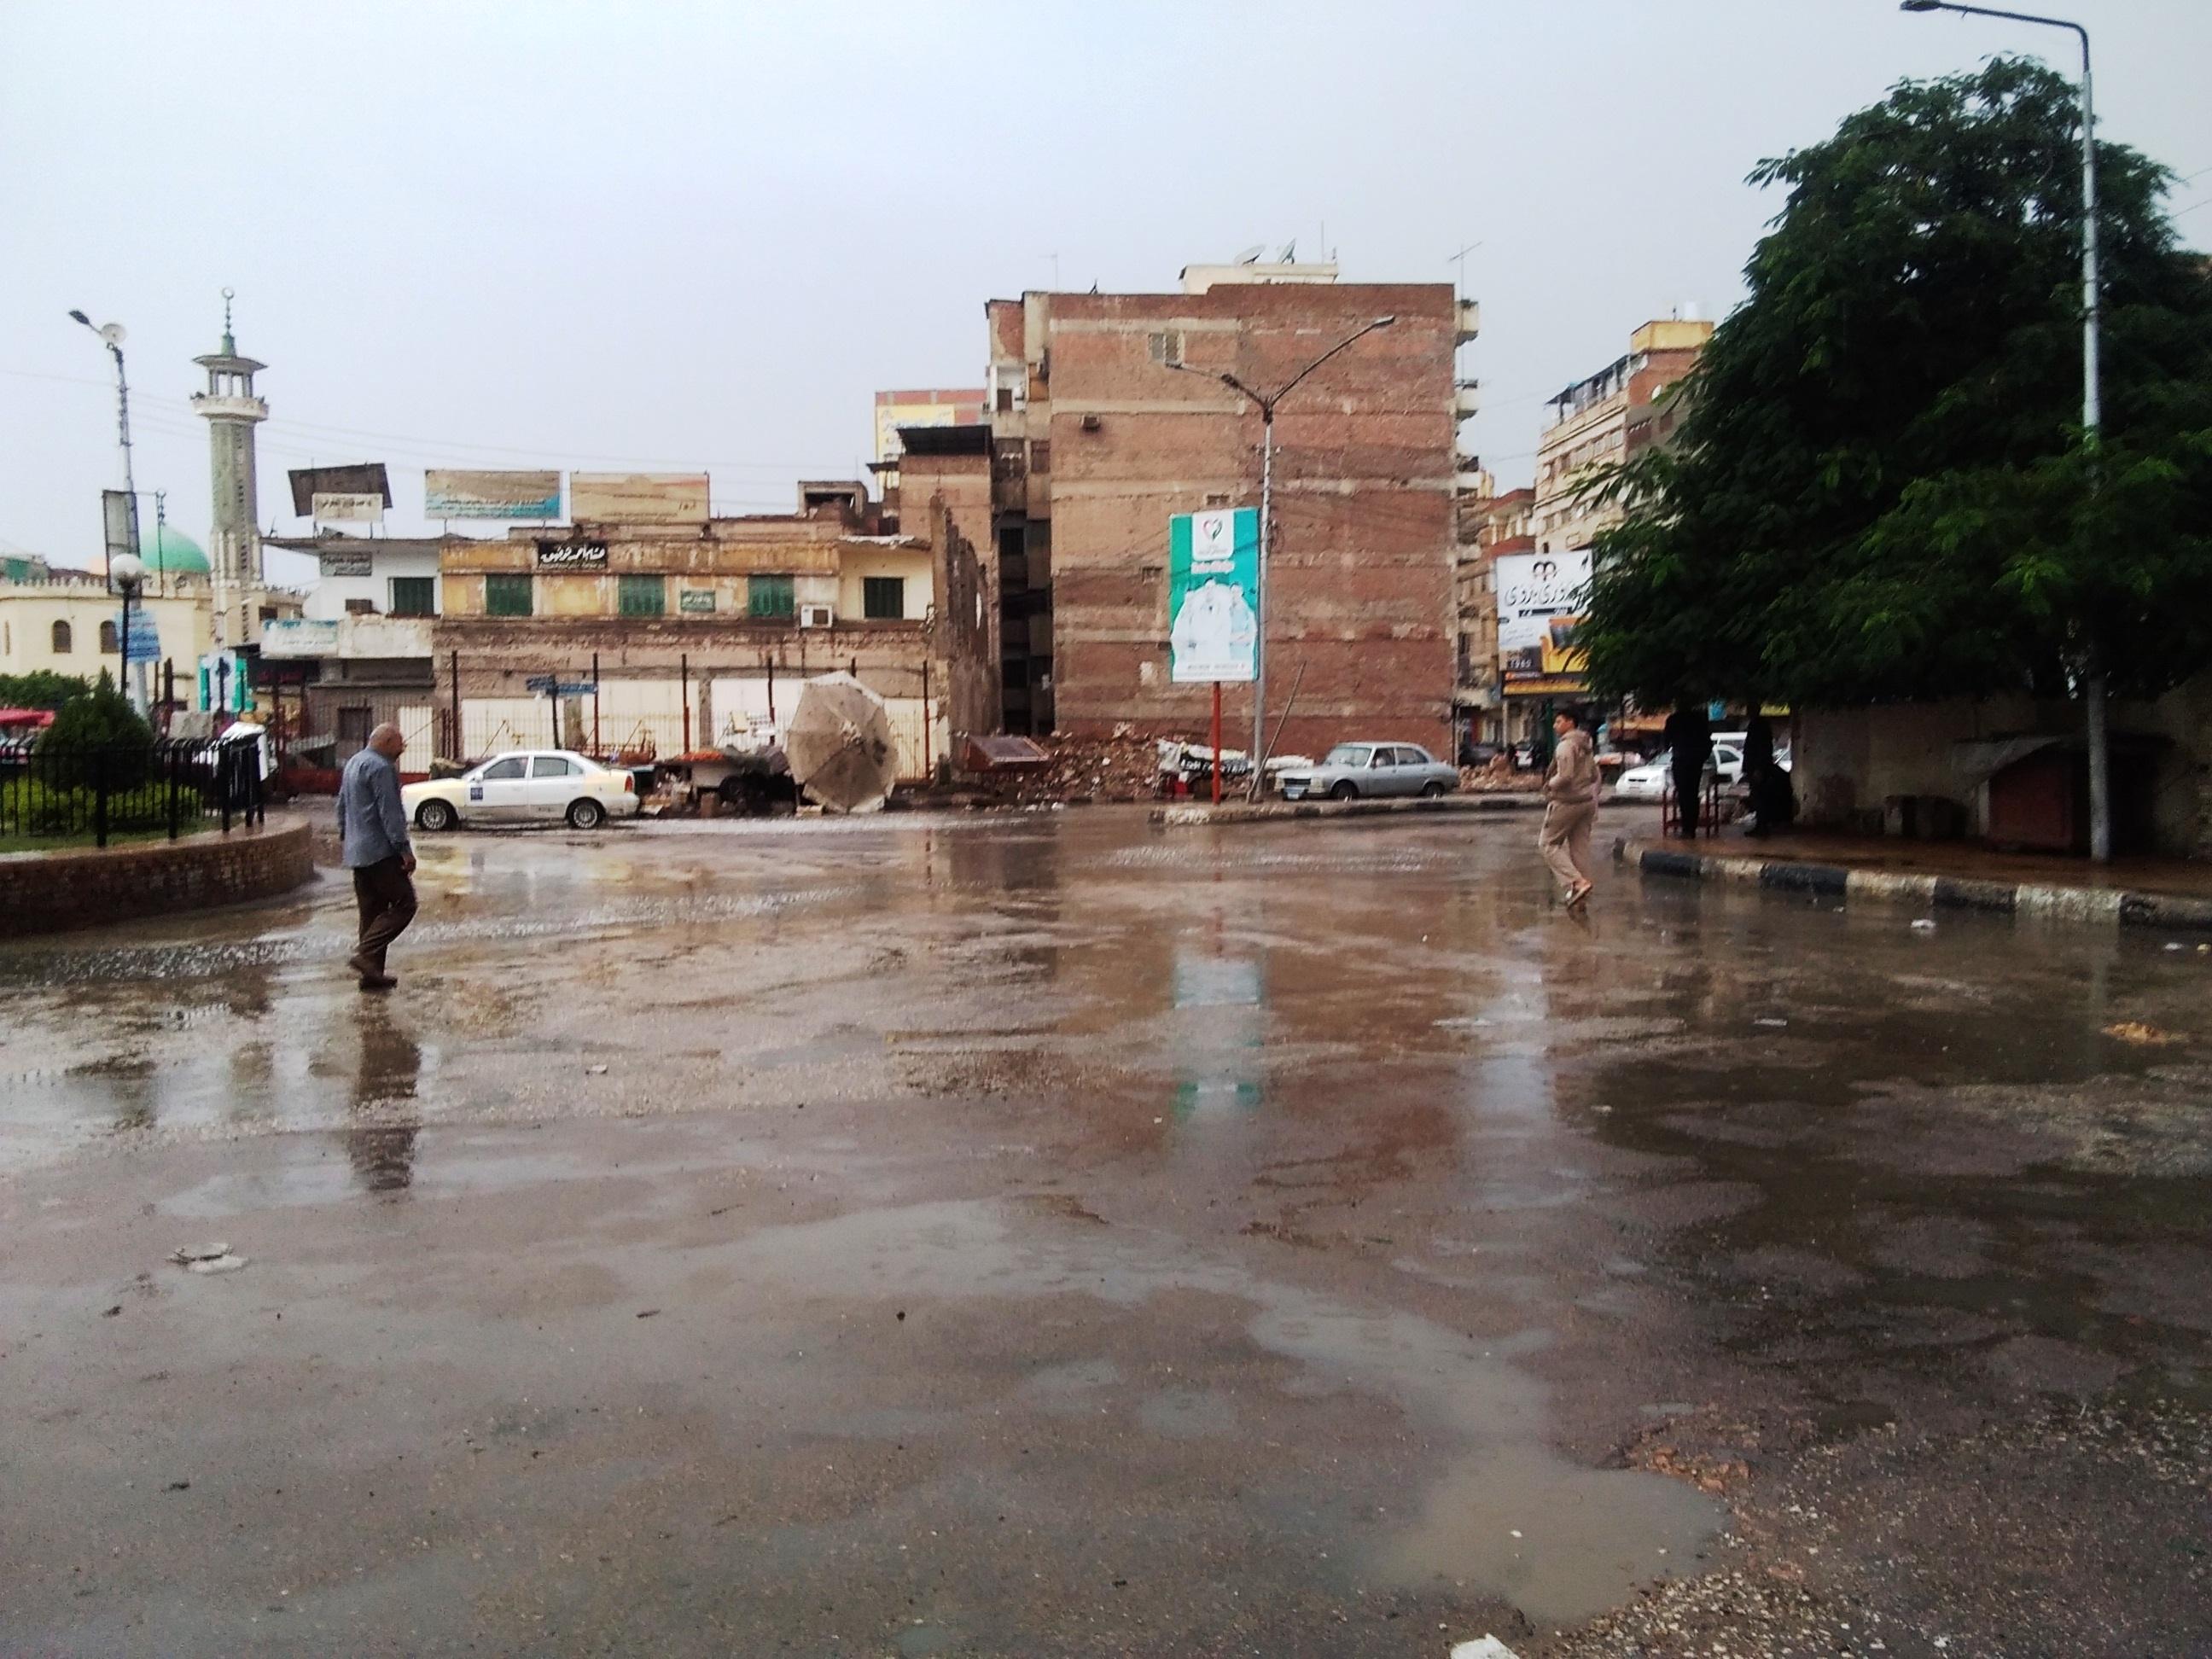 صور.. هطول أمطار رعدية بكفر الشيخ.. والمحافظ يعلن حالة الطوارئ (1)